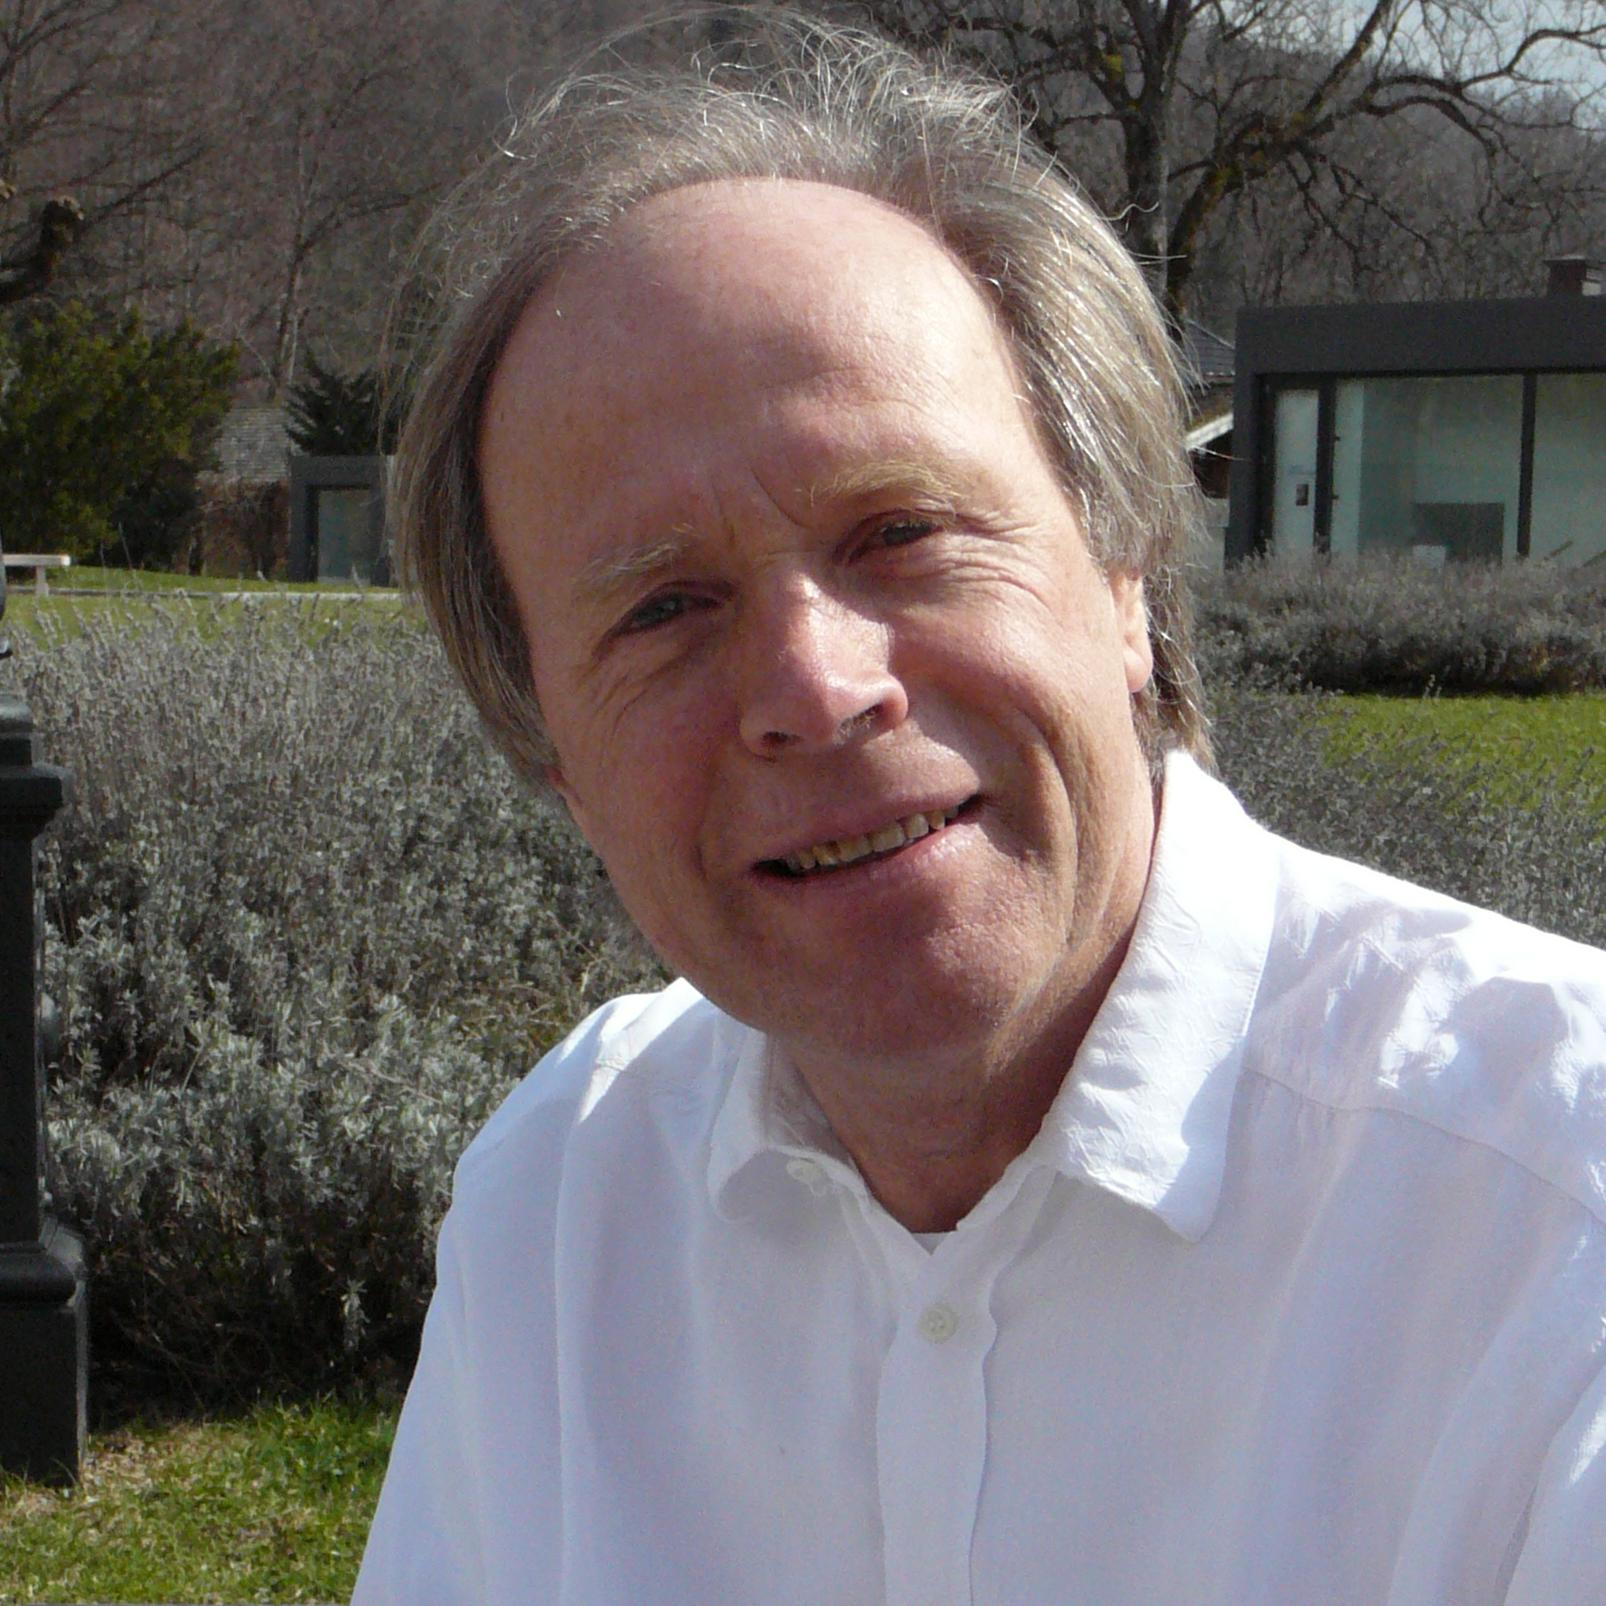 Dr. med. dent. Franz Hagg